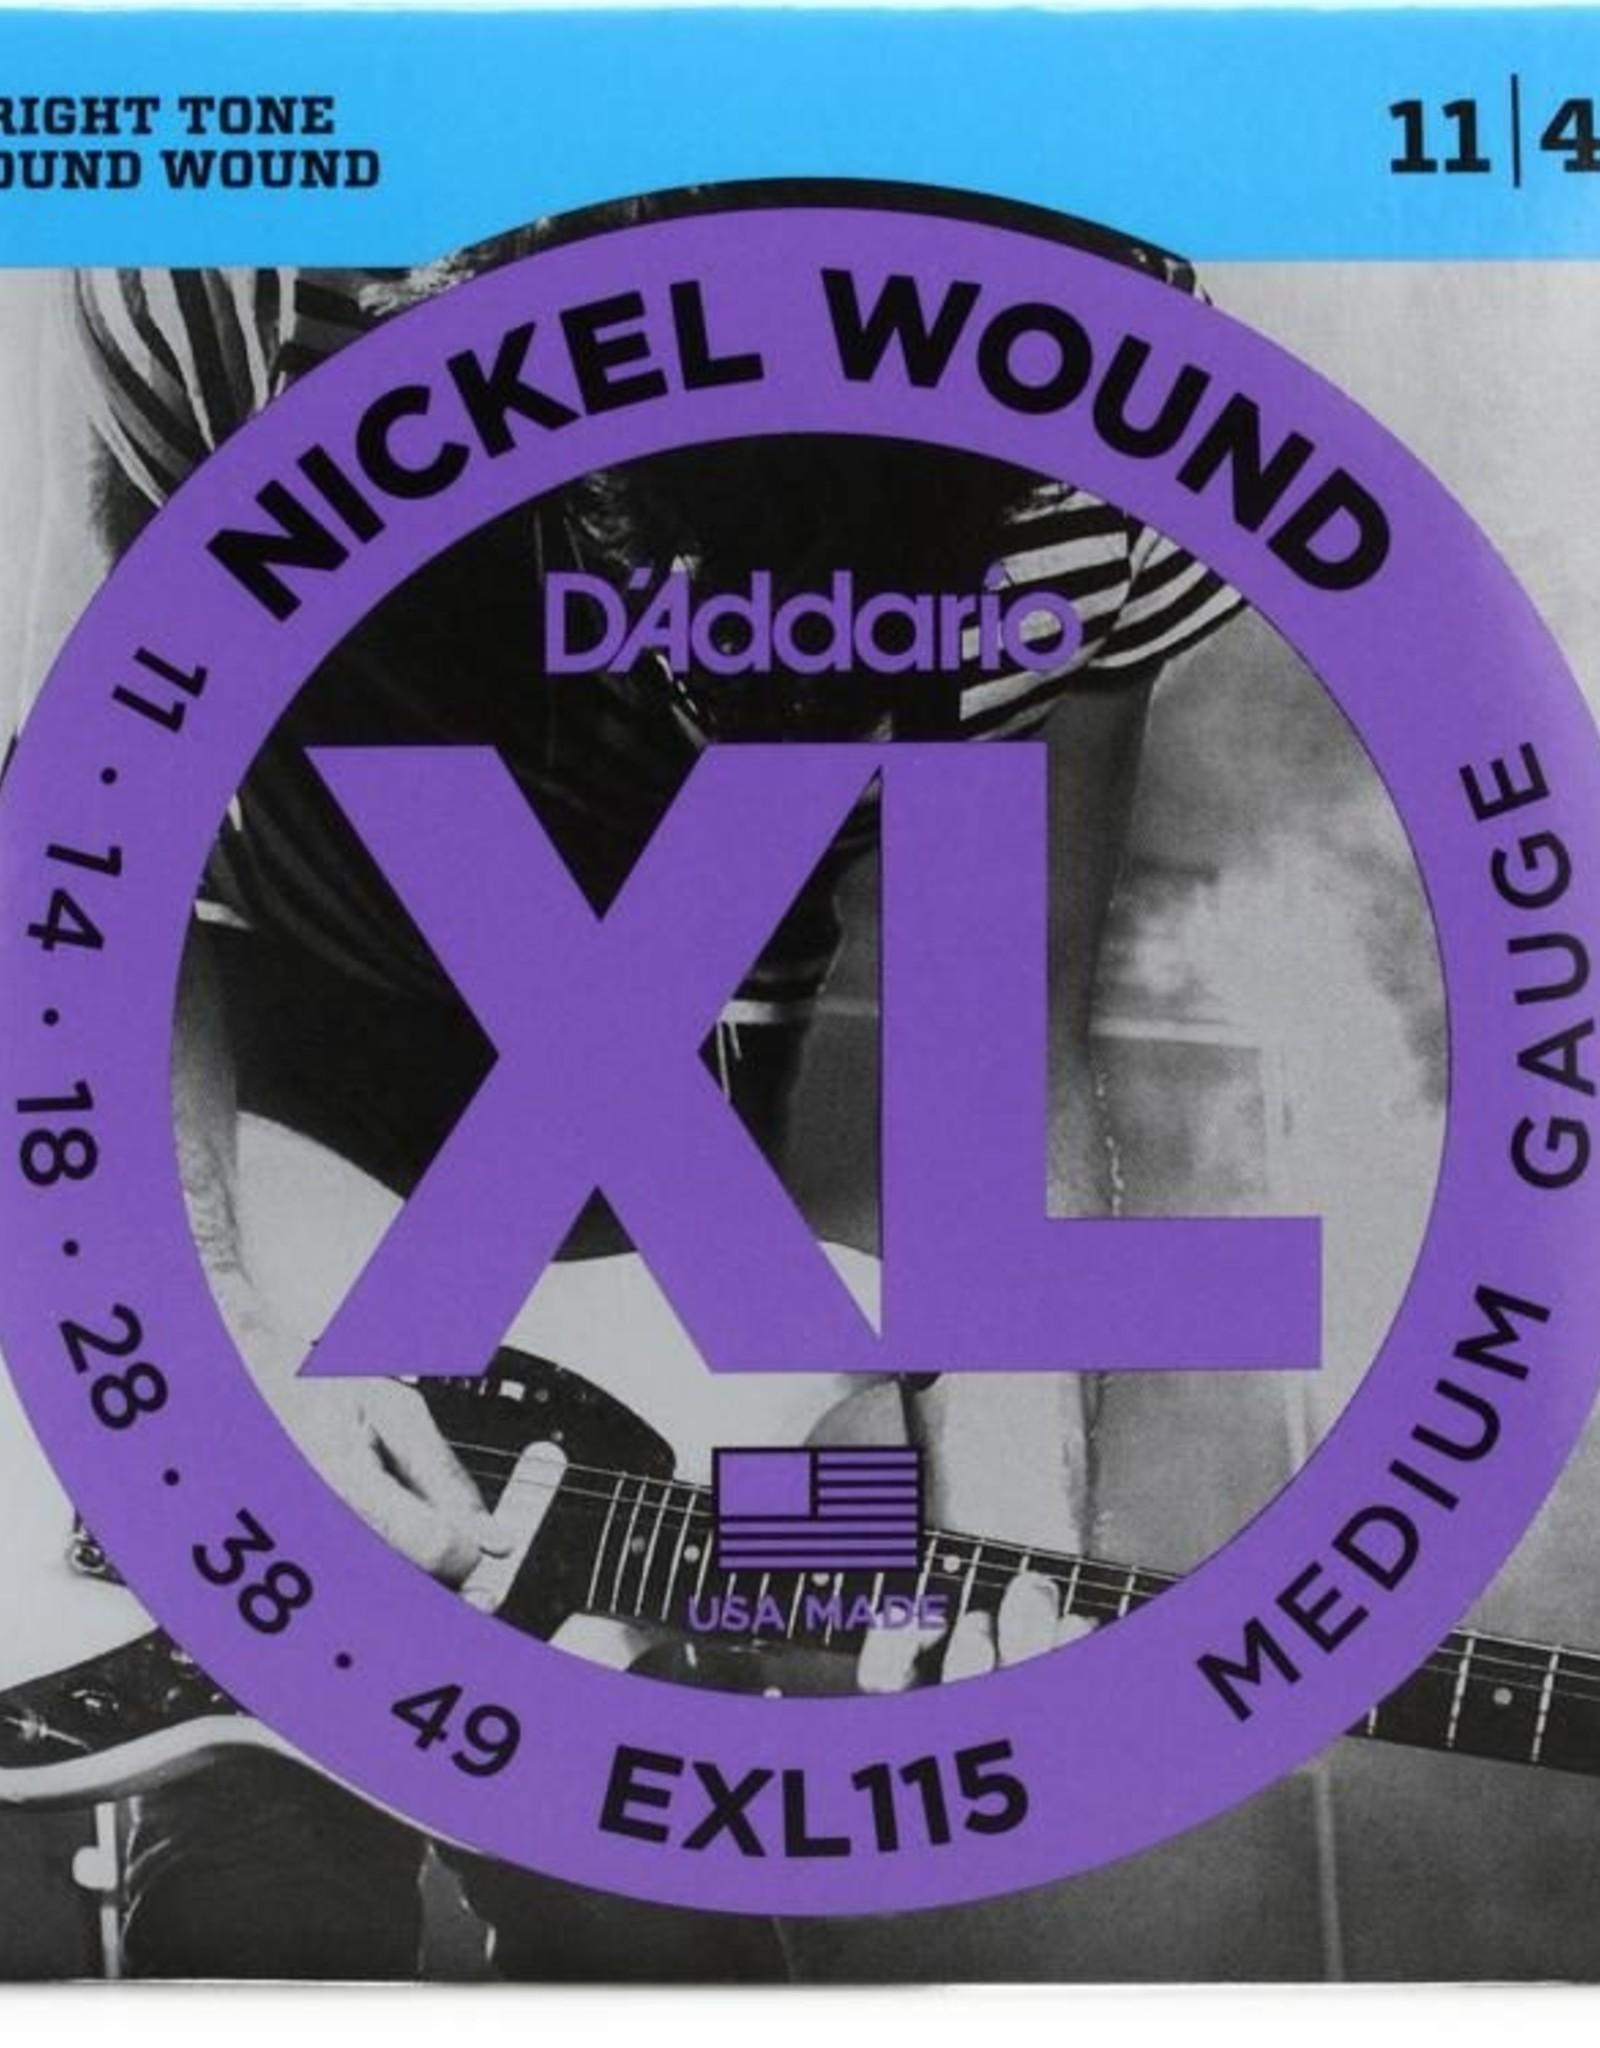 D'Addario D'Addario EXL115 Nickel Medium Electric Guitar Strings 11-49